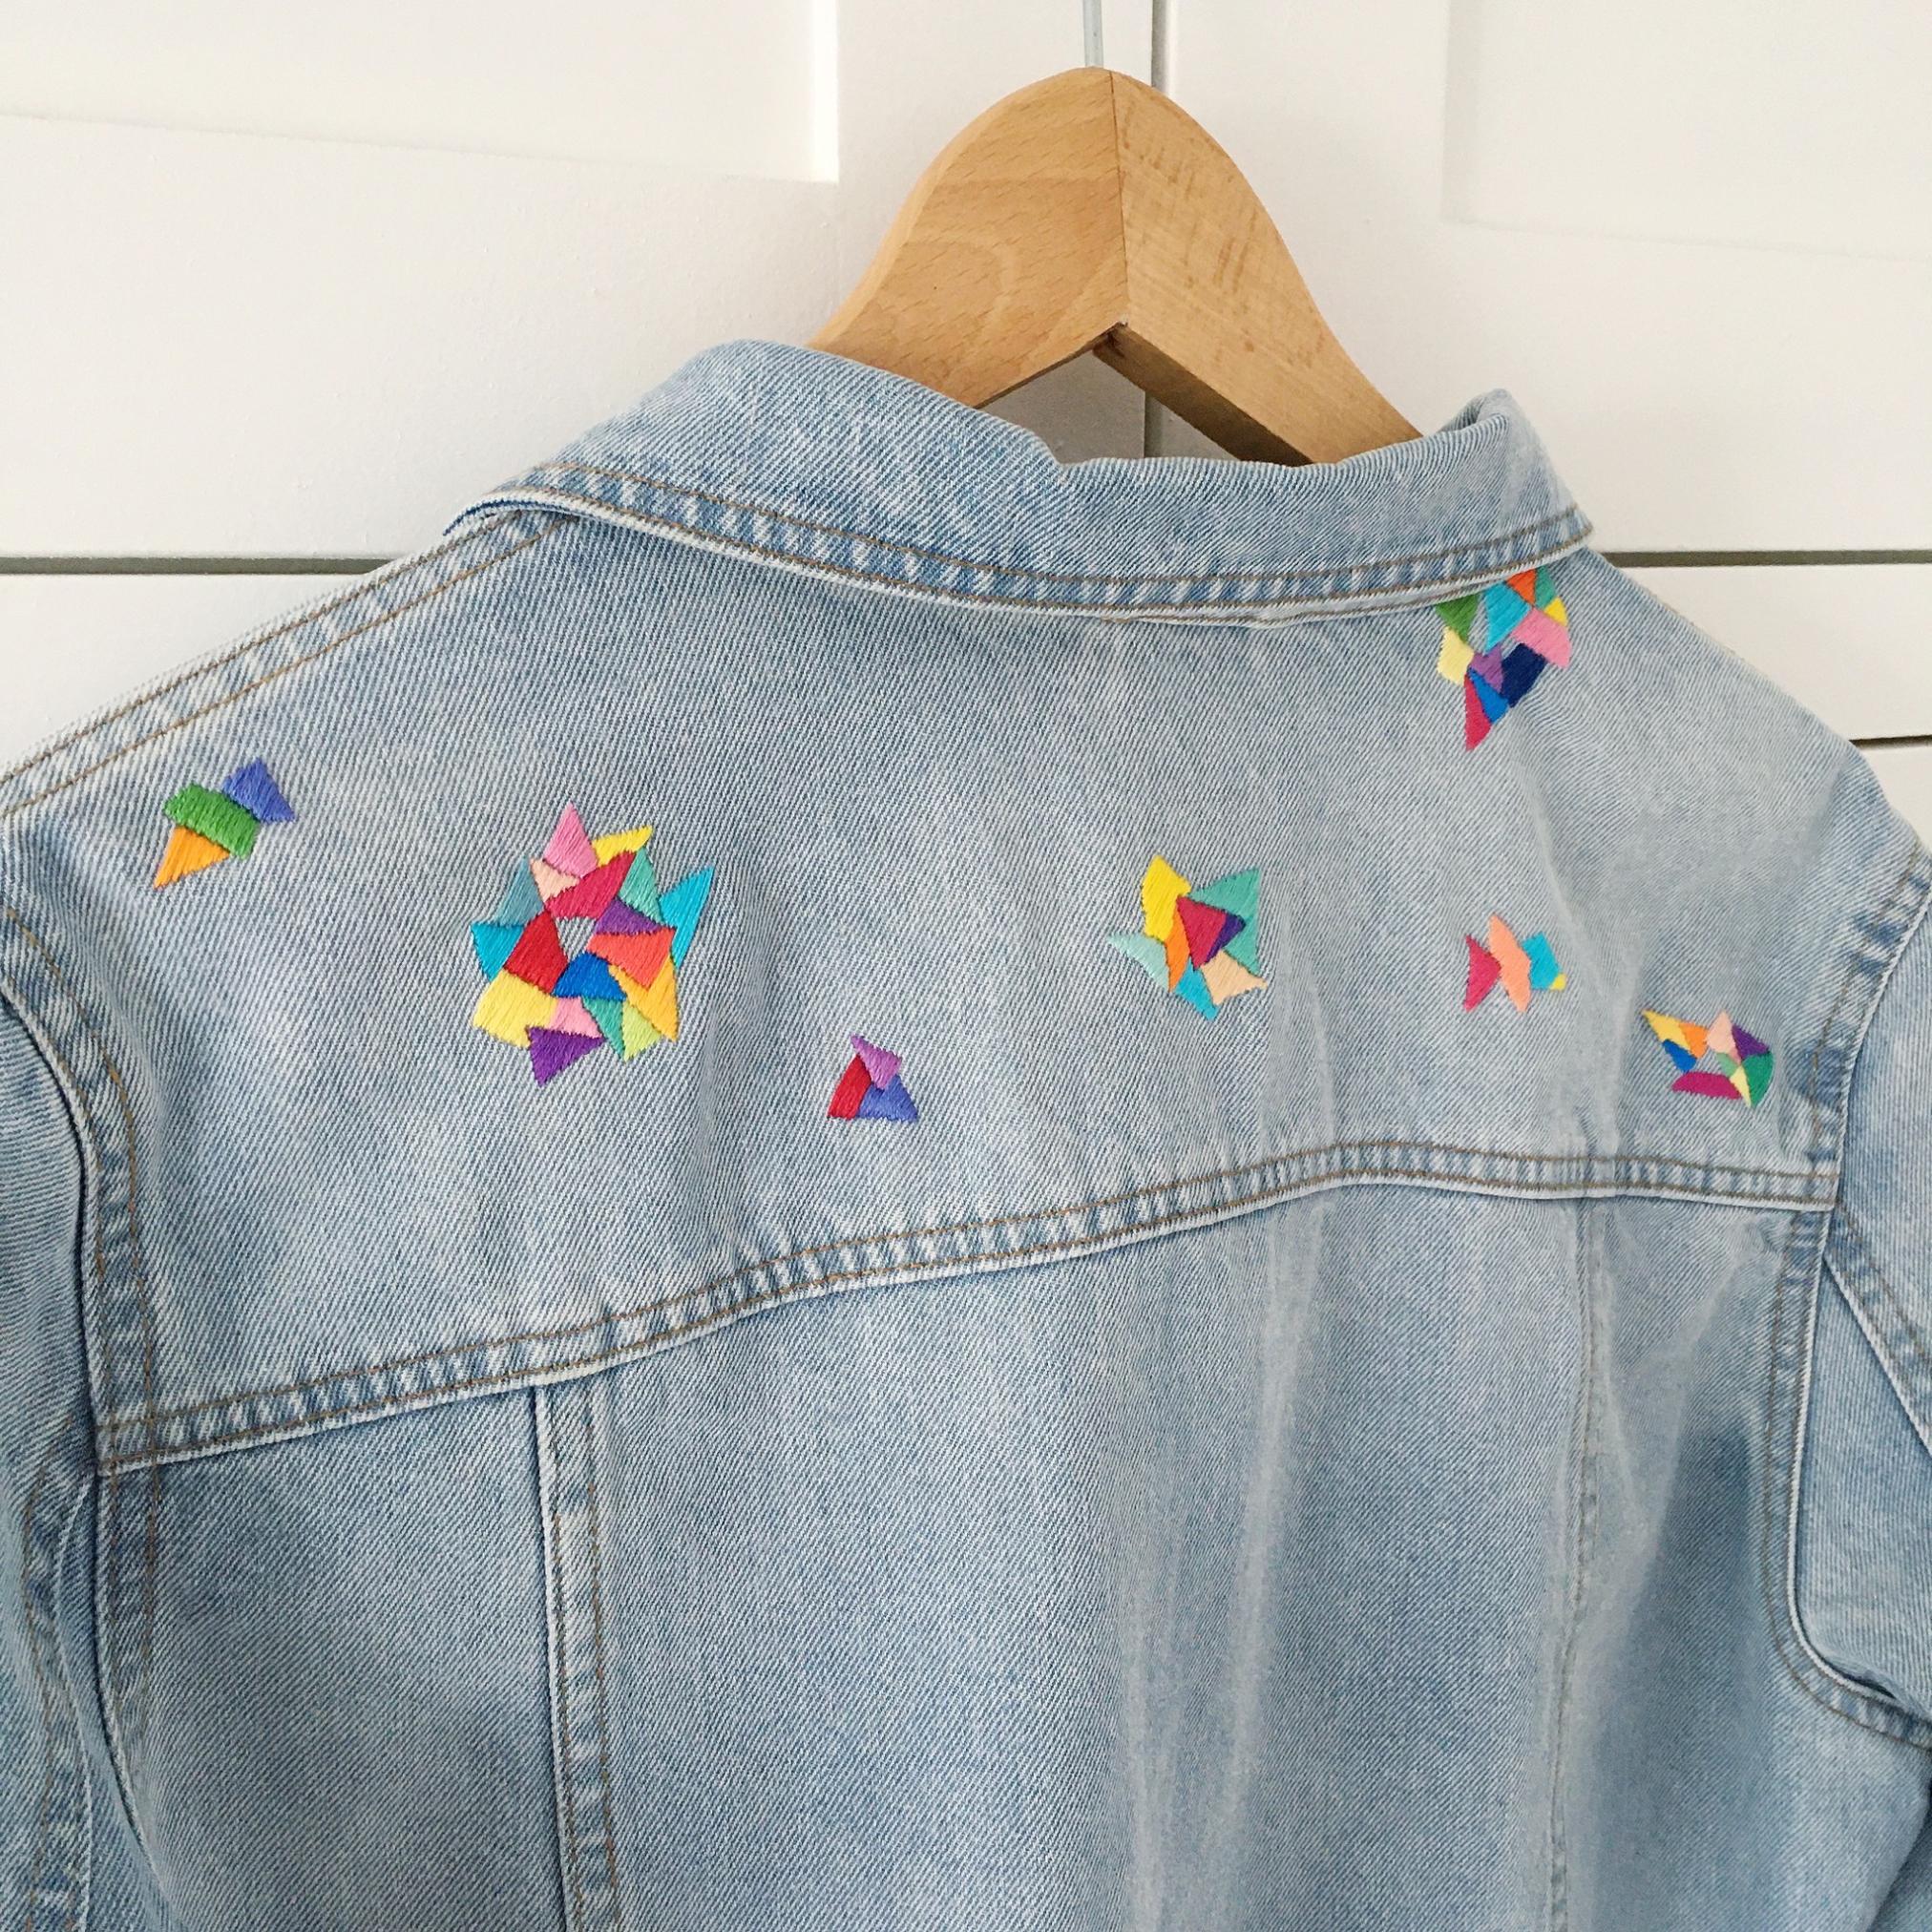 Customised denim jacket | Hello! Hooray!